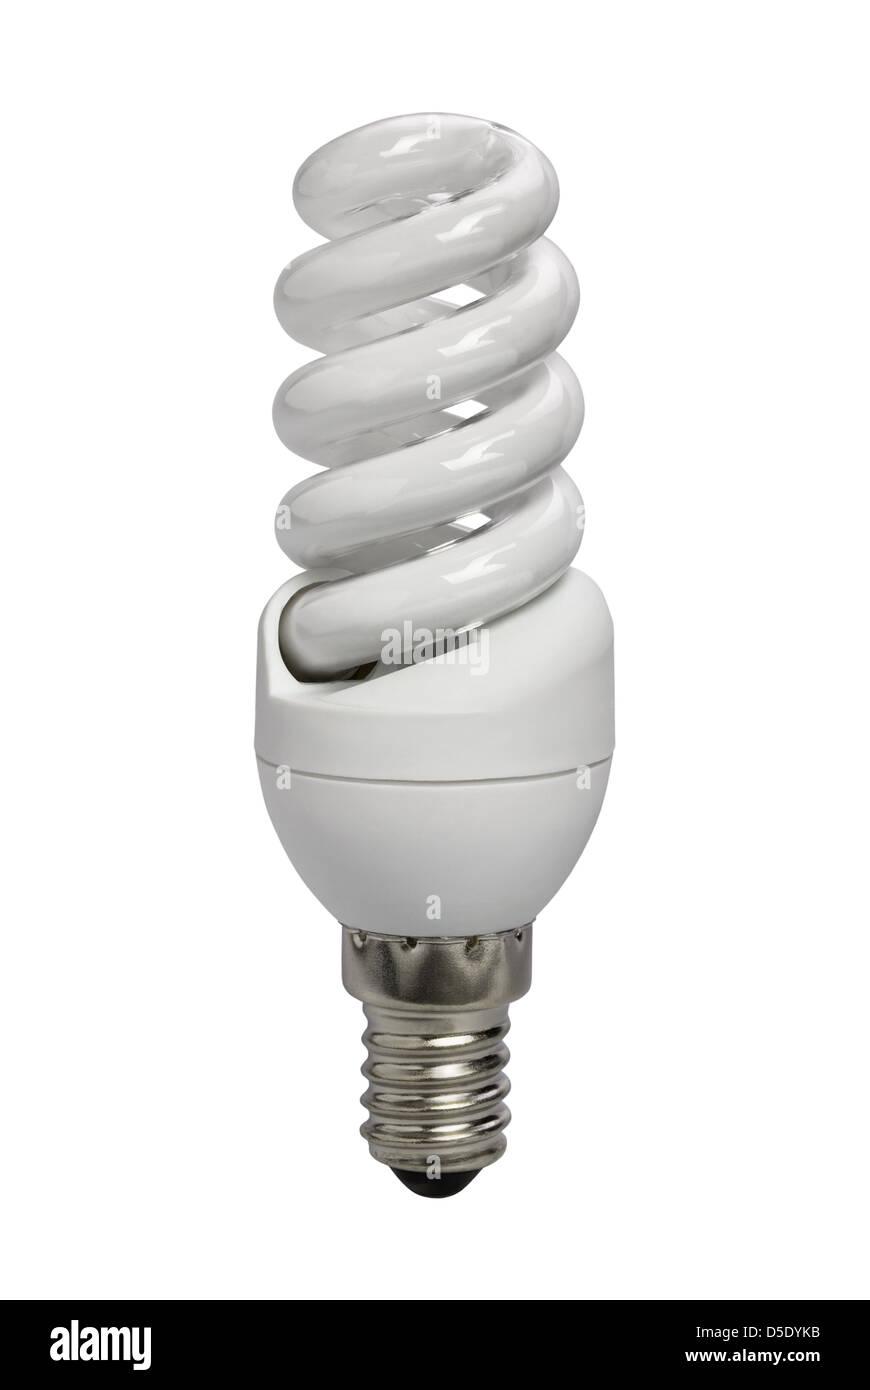 Lampe Energiesparen auf weißem Hintergrund Stockfoto